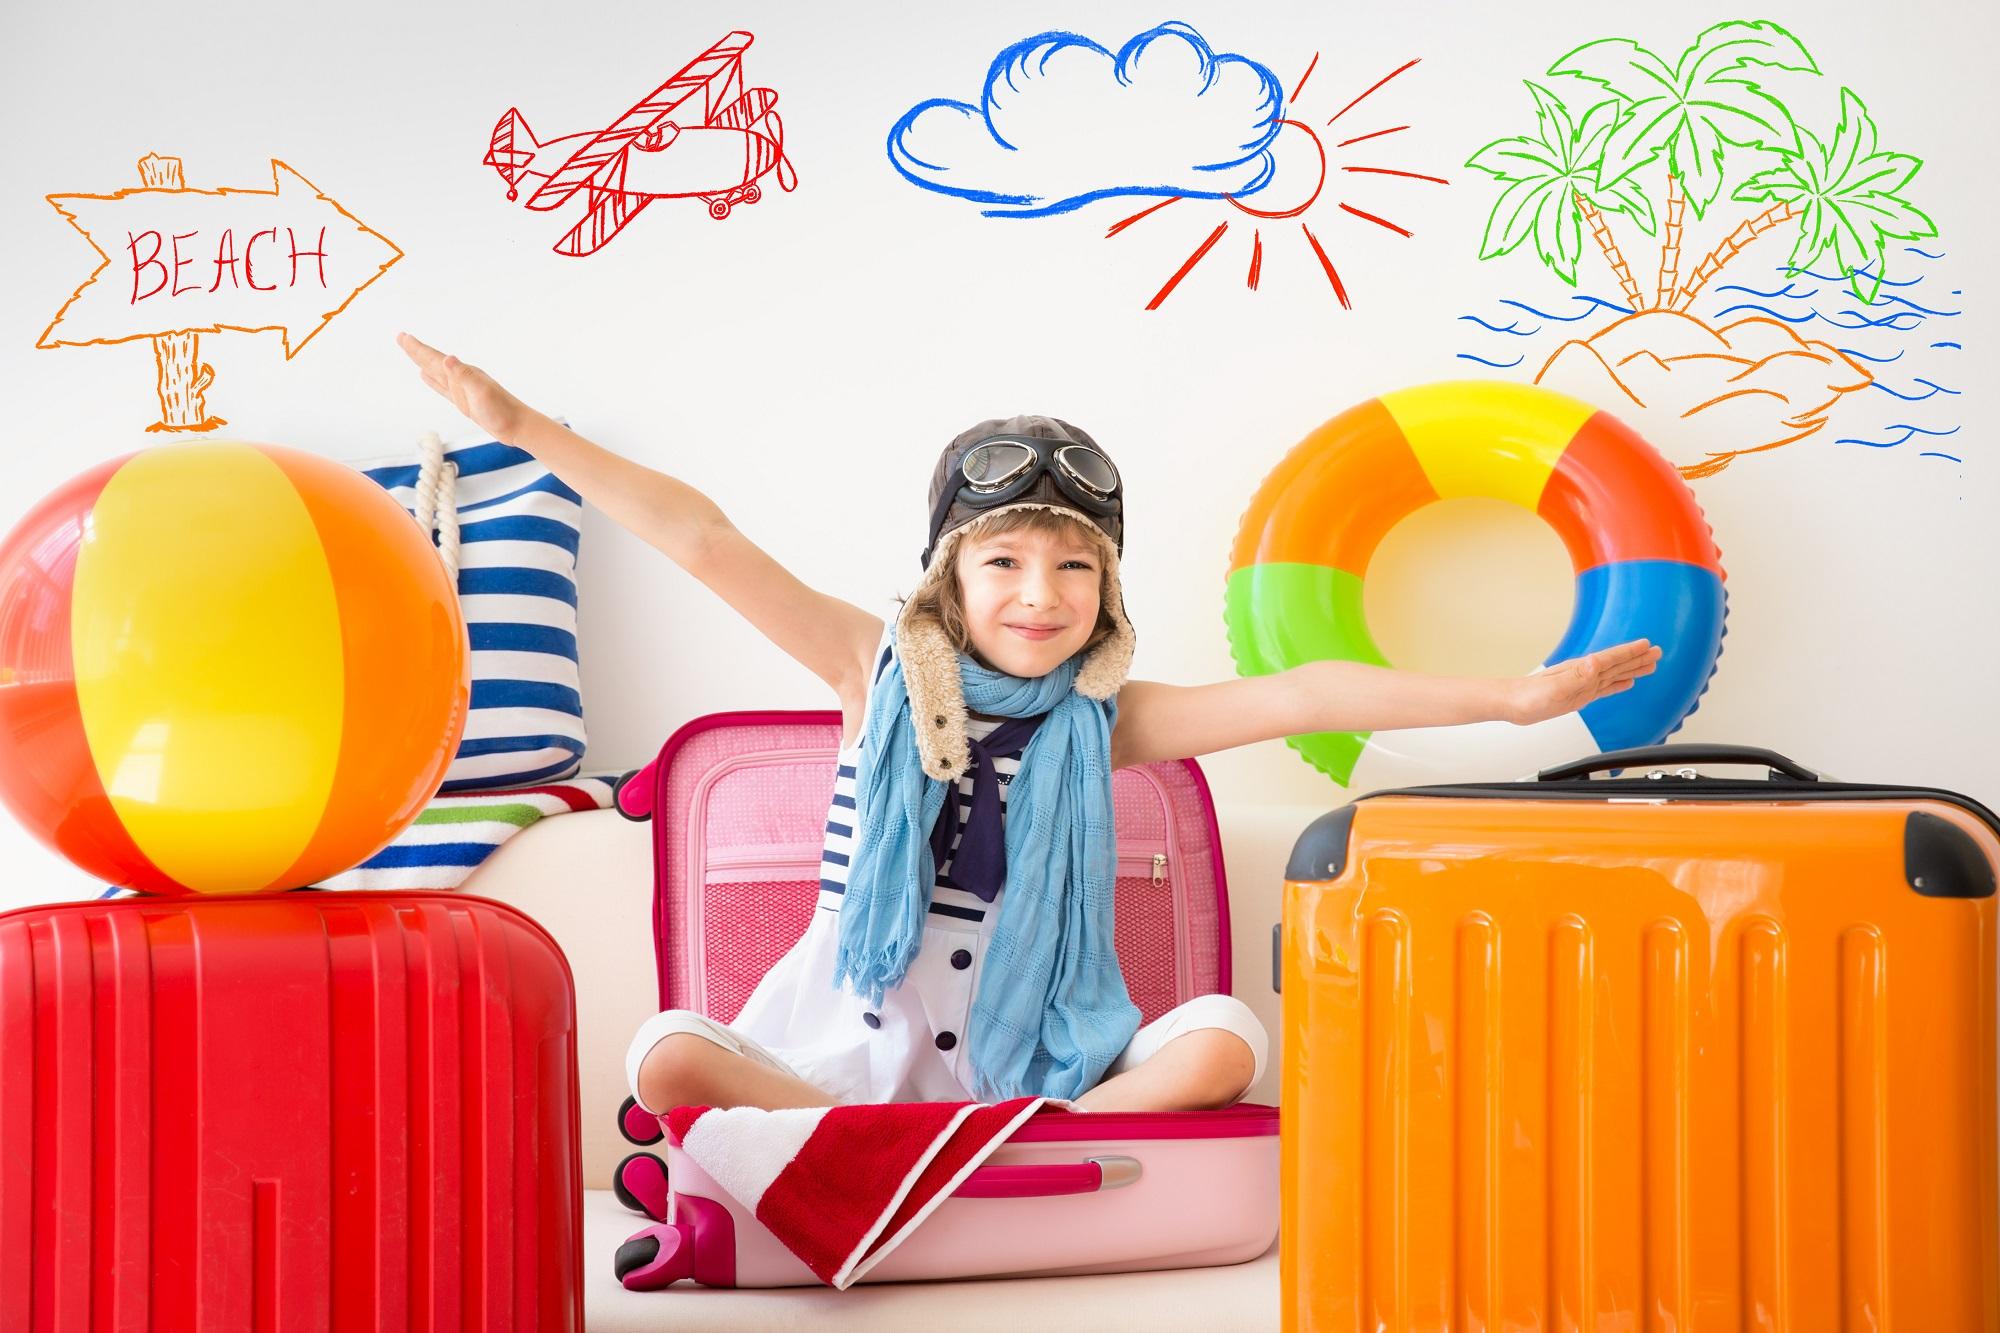 июнь 2018 как отдохнуть. Источник фото: Shutterstock